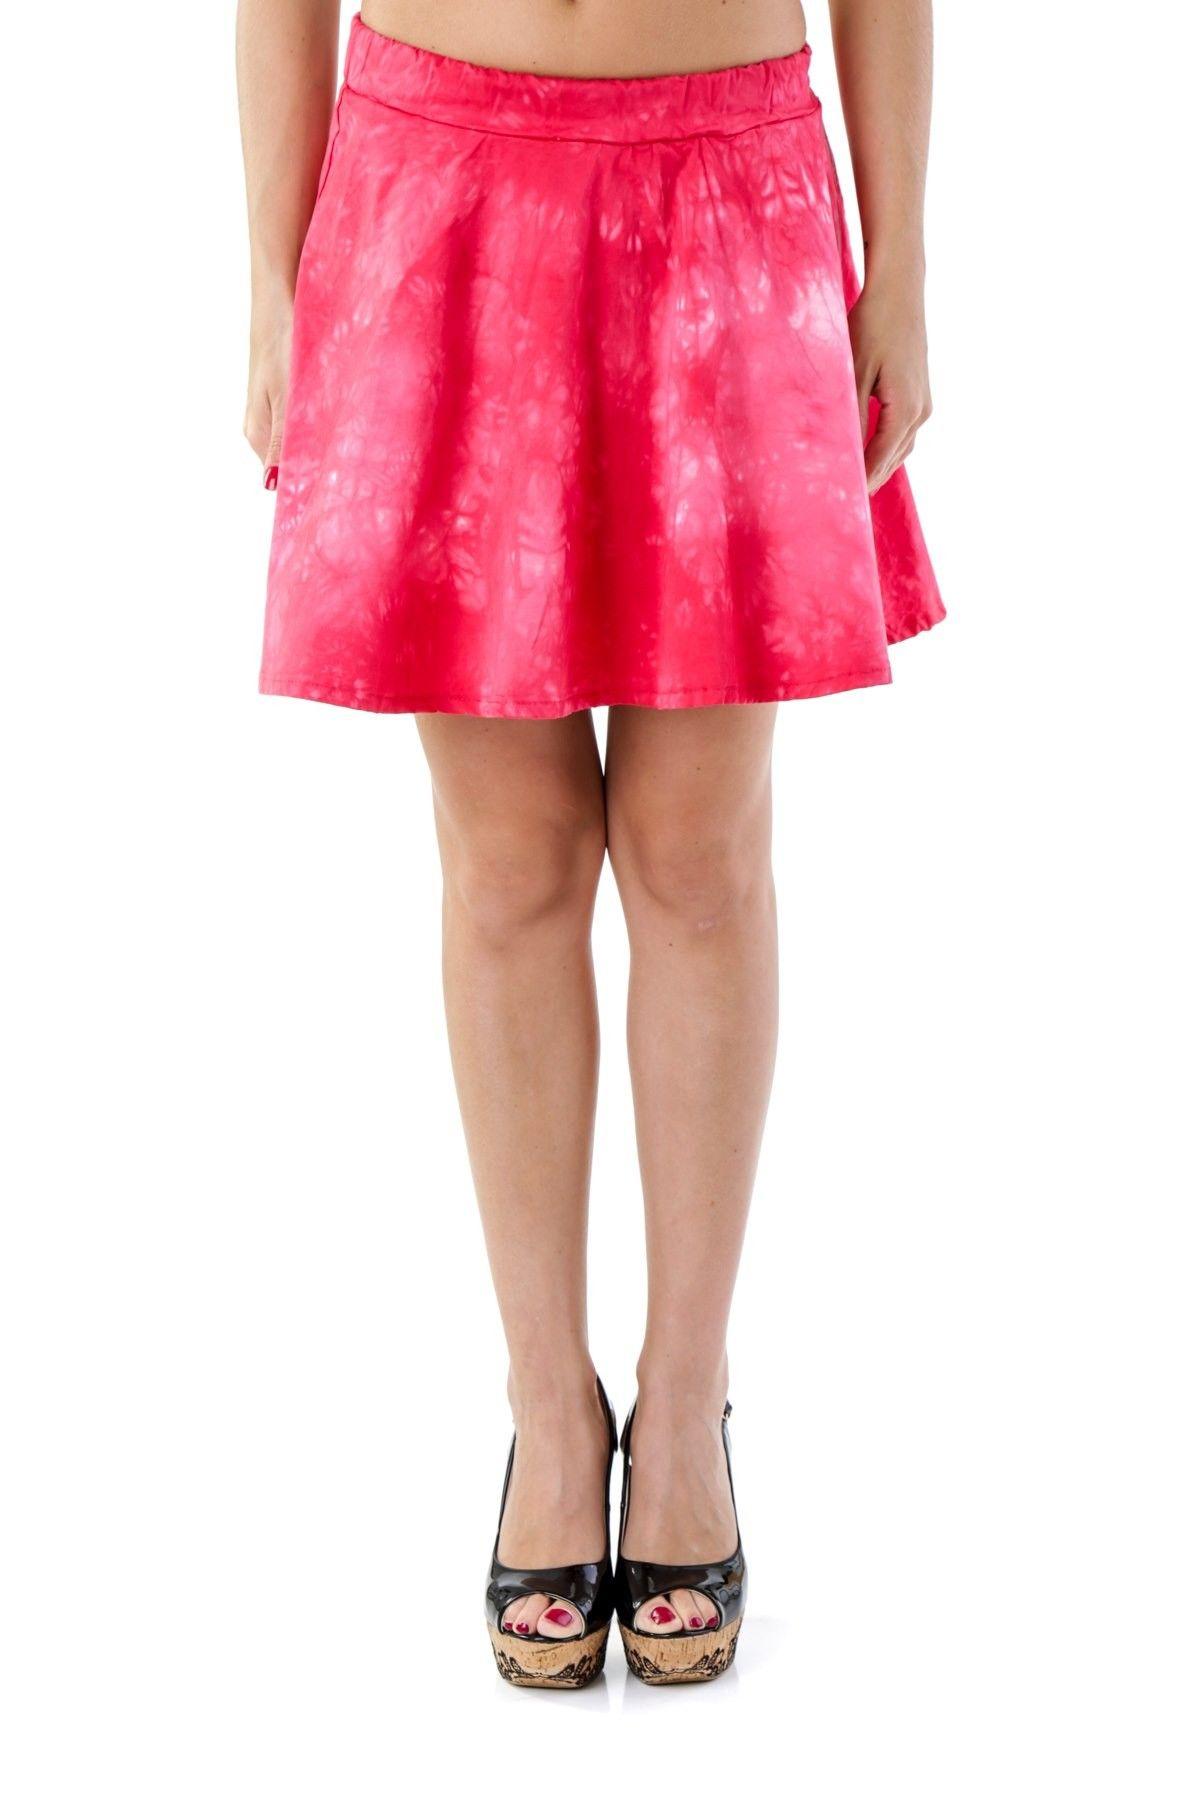 525 Women's Skirt In Red